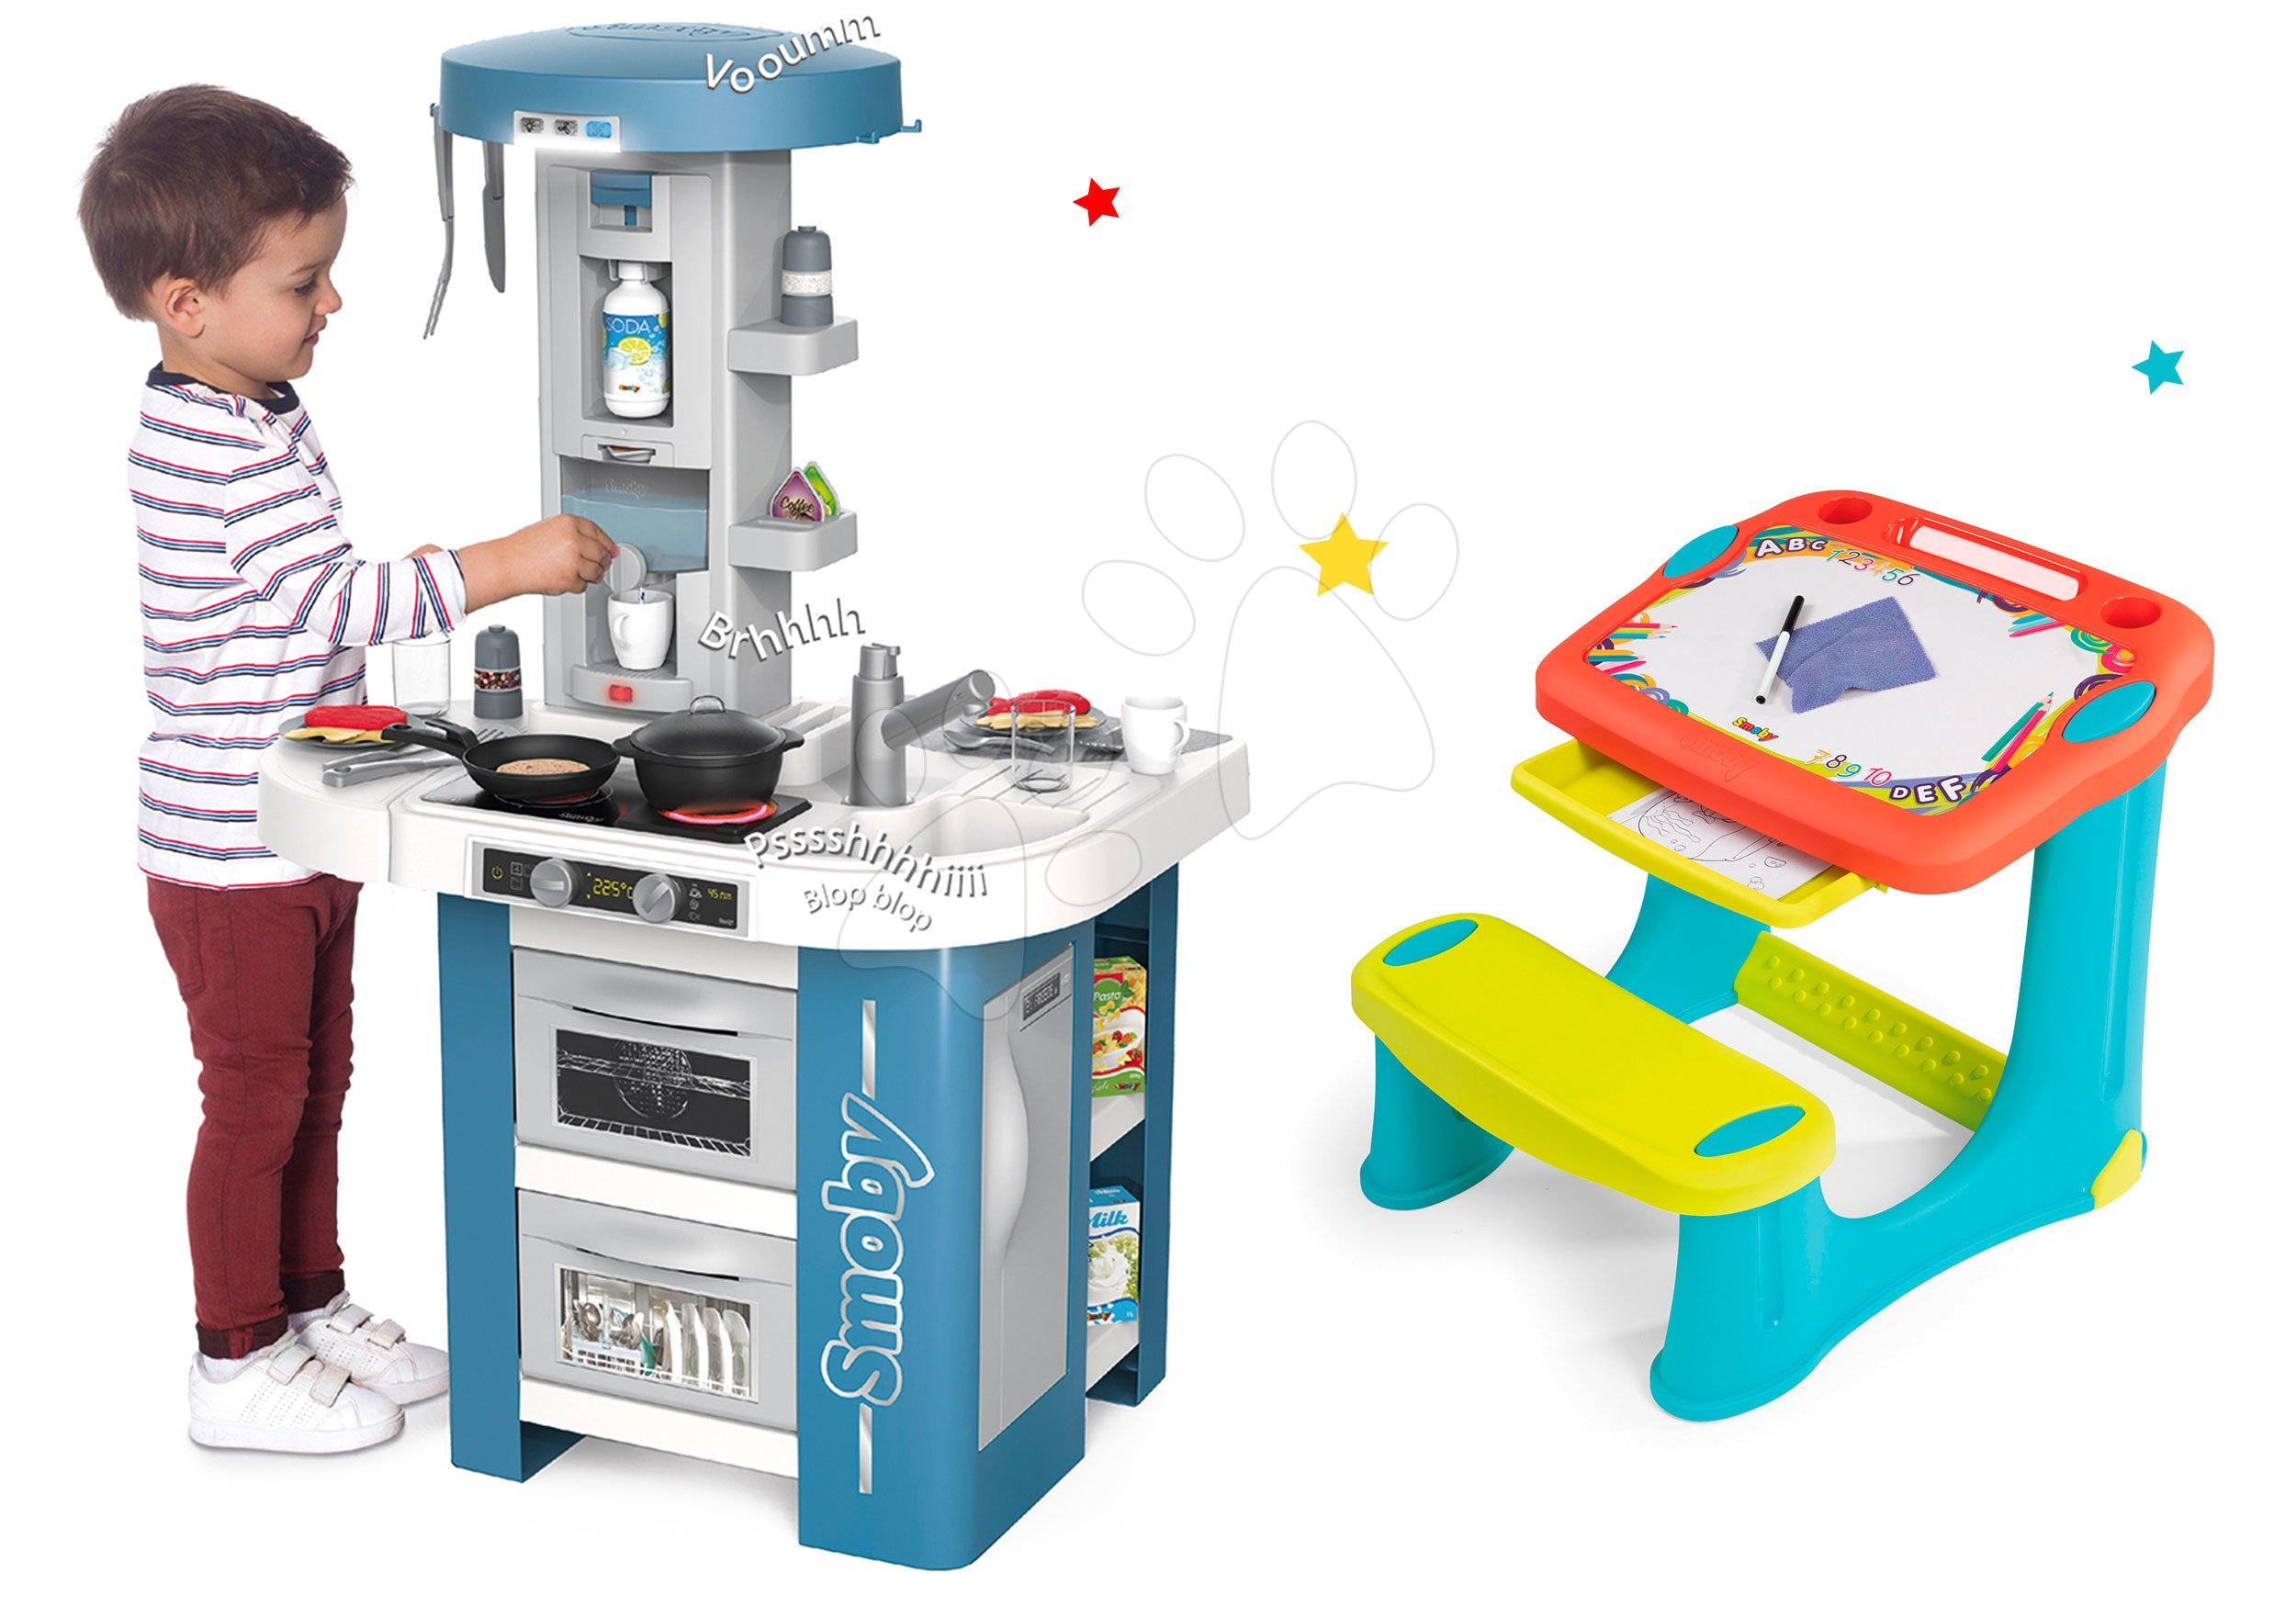 Set kuchynka s technickým vybavením Tech Edition Smoby elektronická s lavicou na kreslenie a písanie s vymaľovánkami